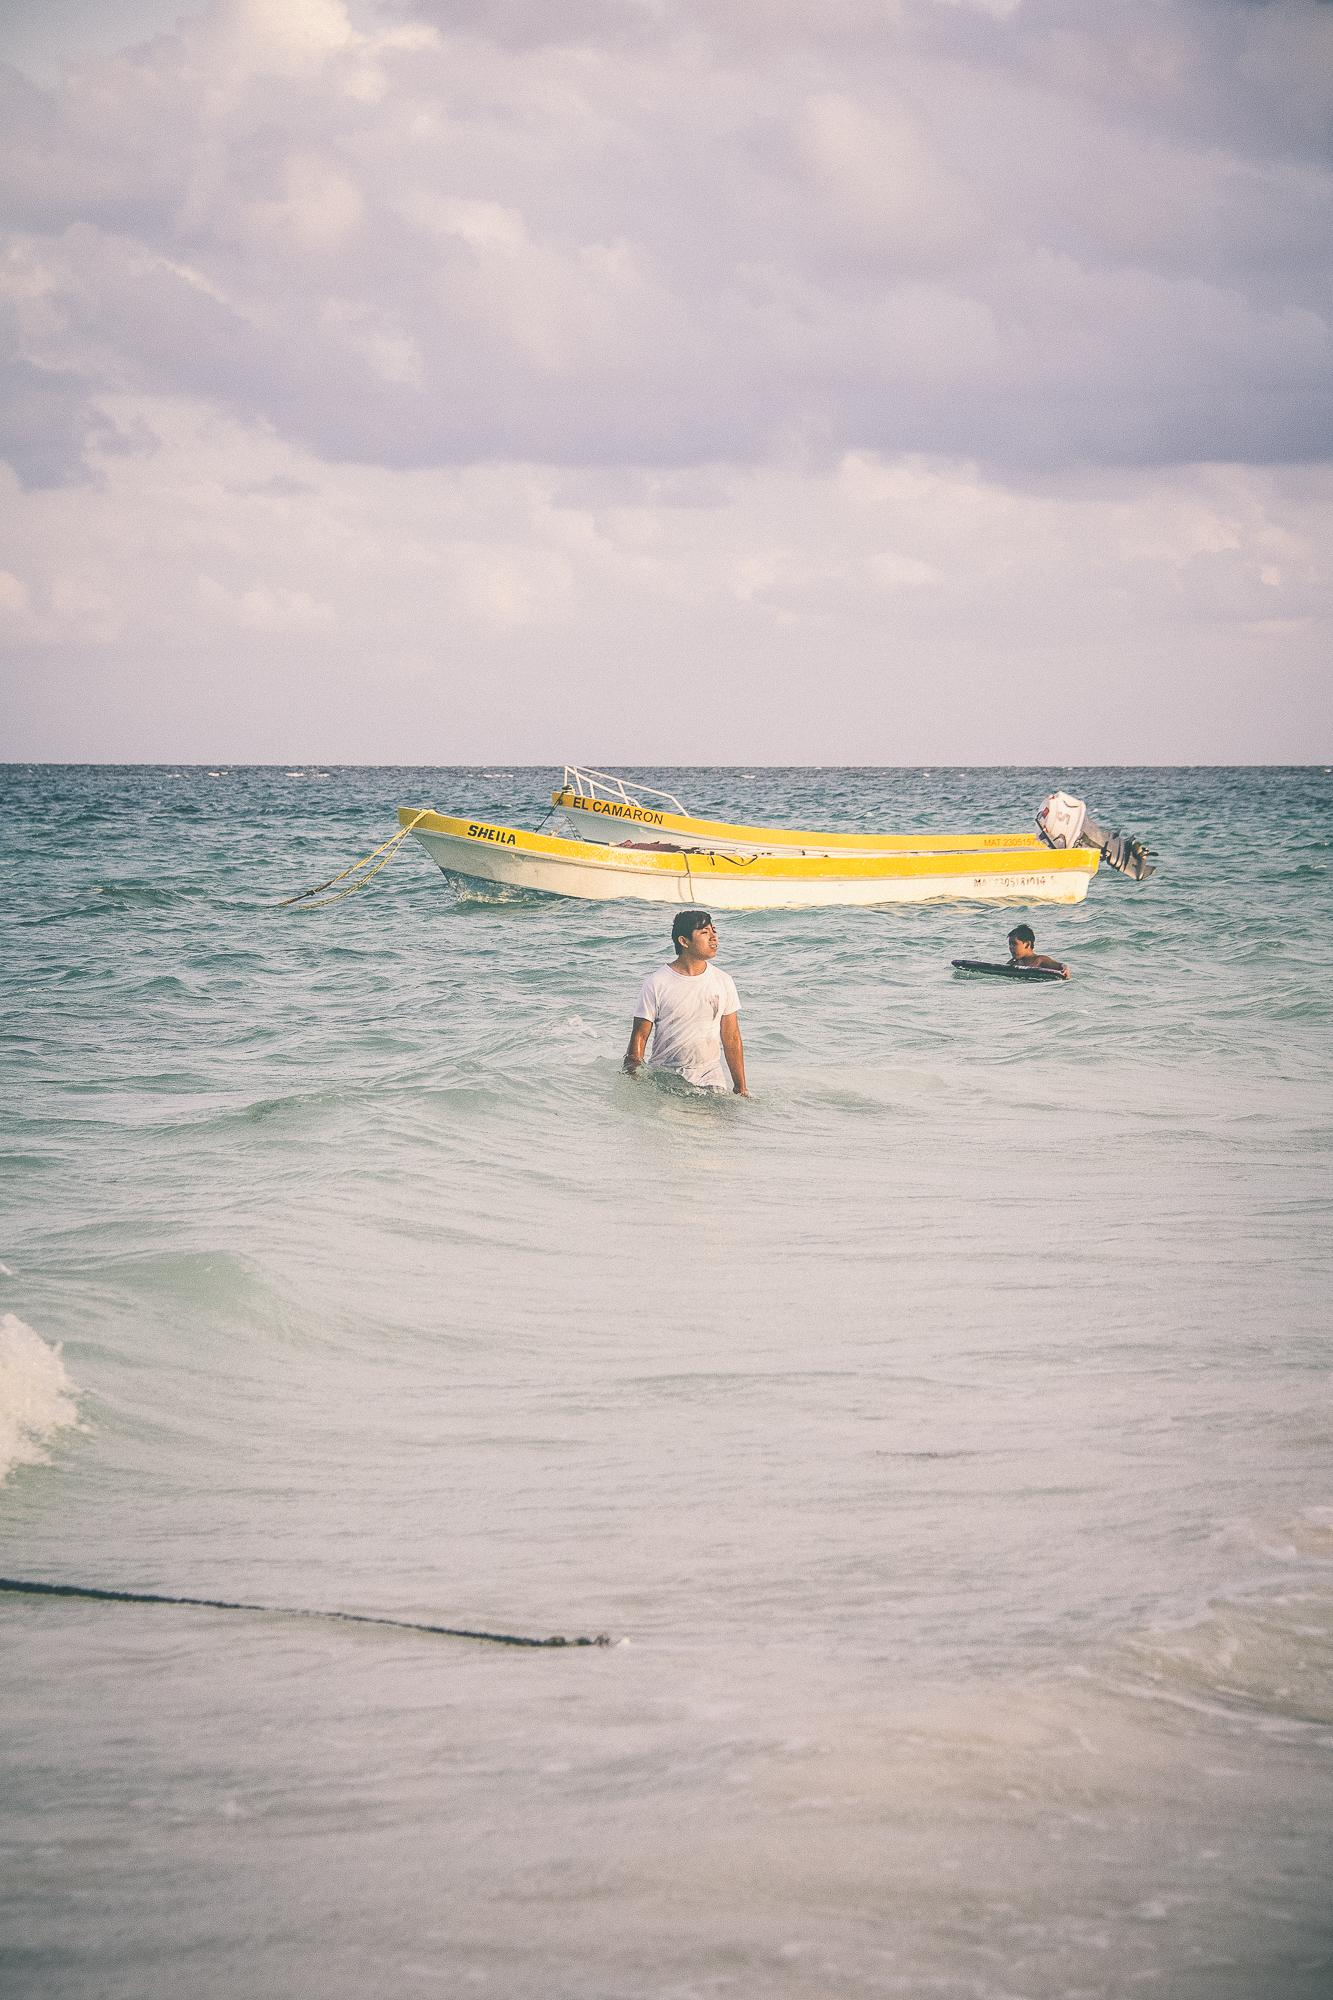 MP_16.04.08-13_Cancun Mexico--2.jpg